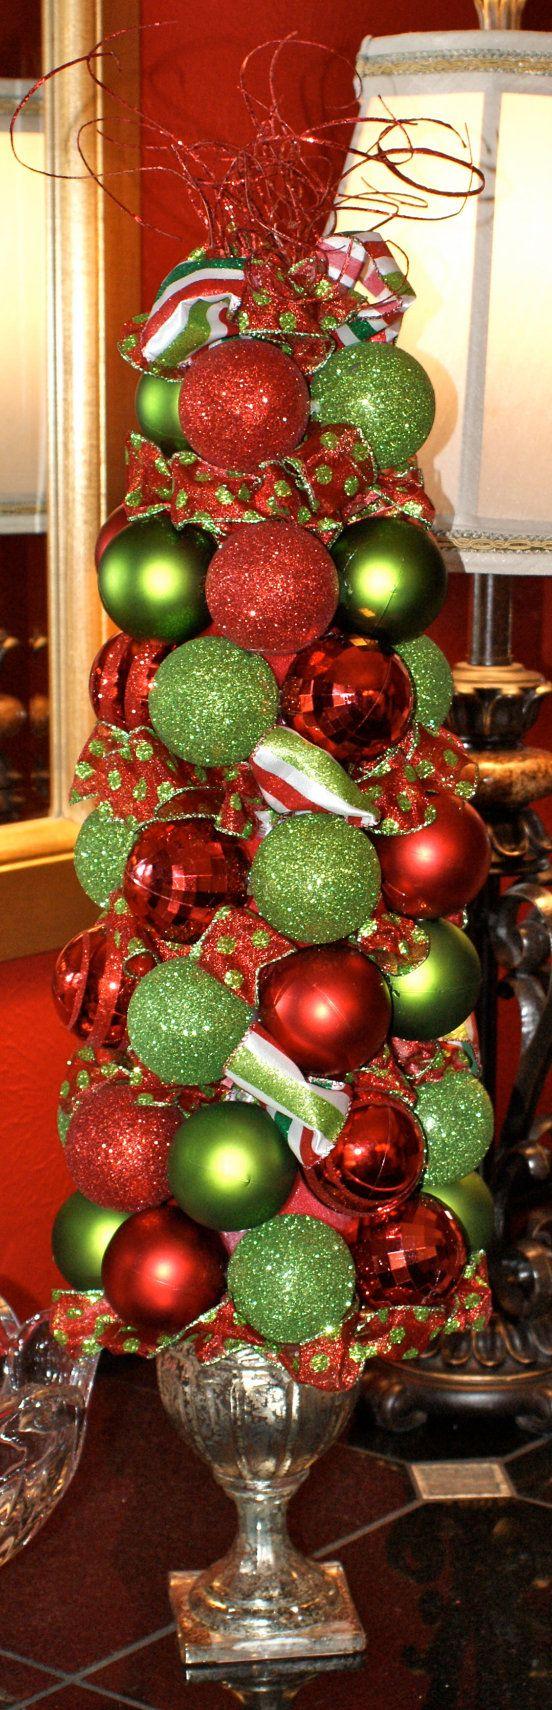 Christmas Ornaments & Ribbon Topiary